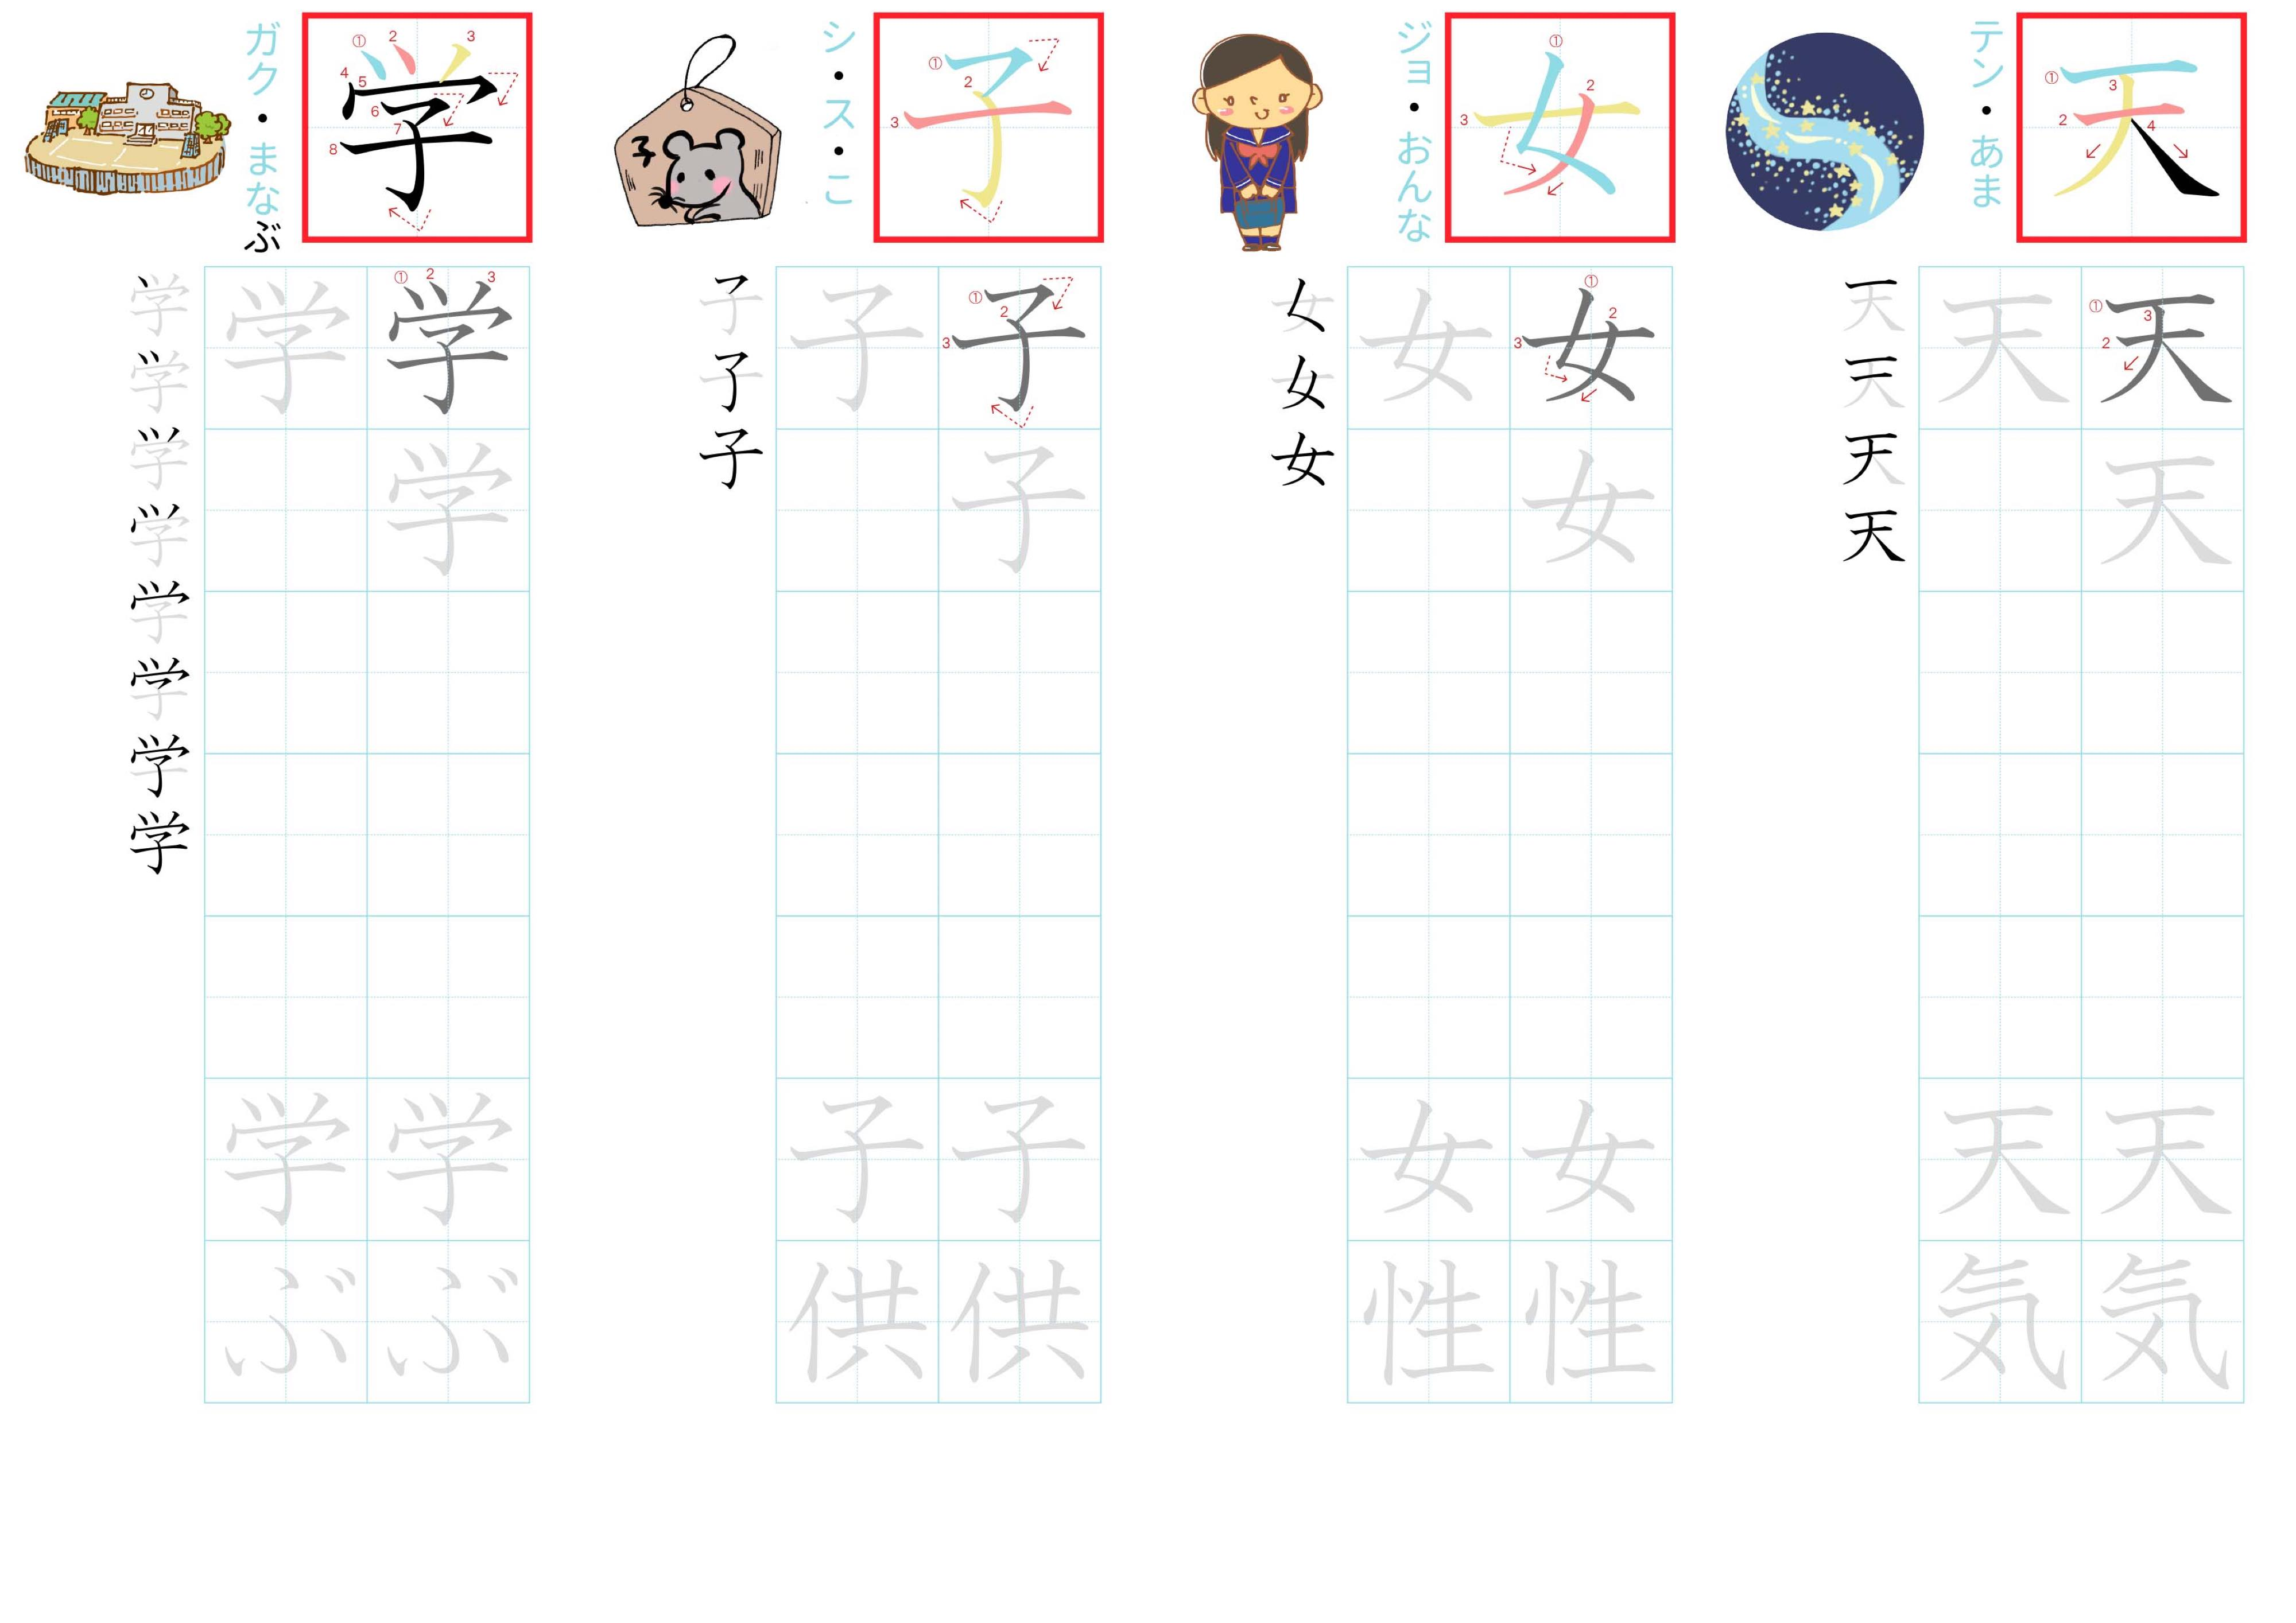 kanji-practice-card-n5-japanese-010